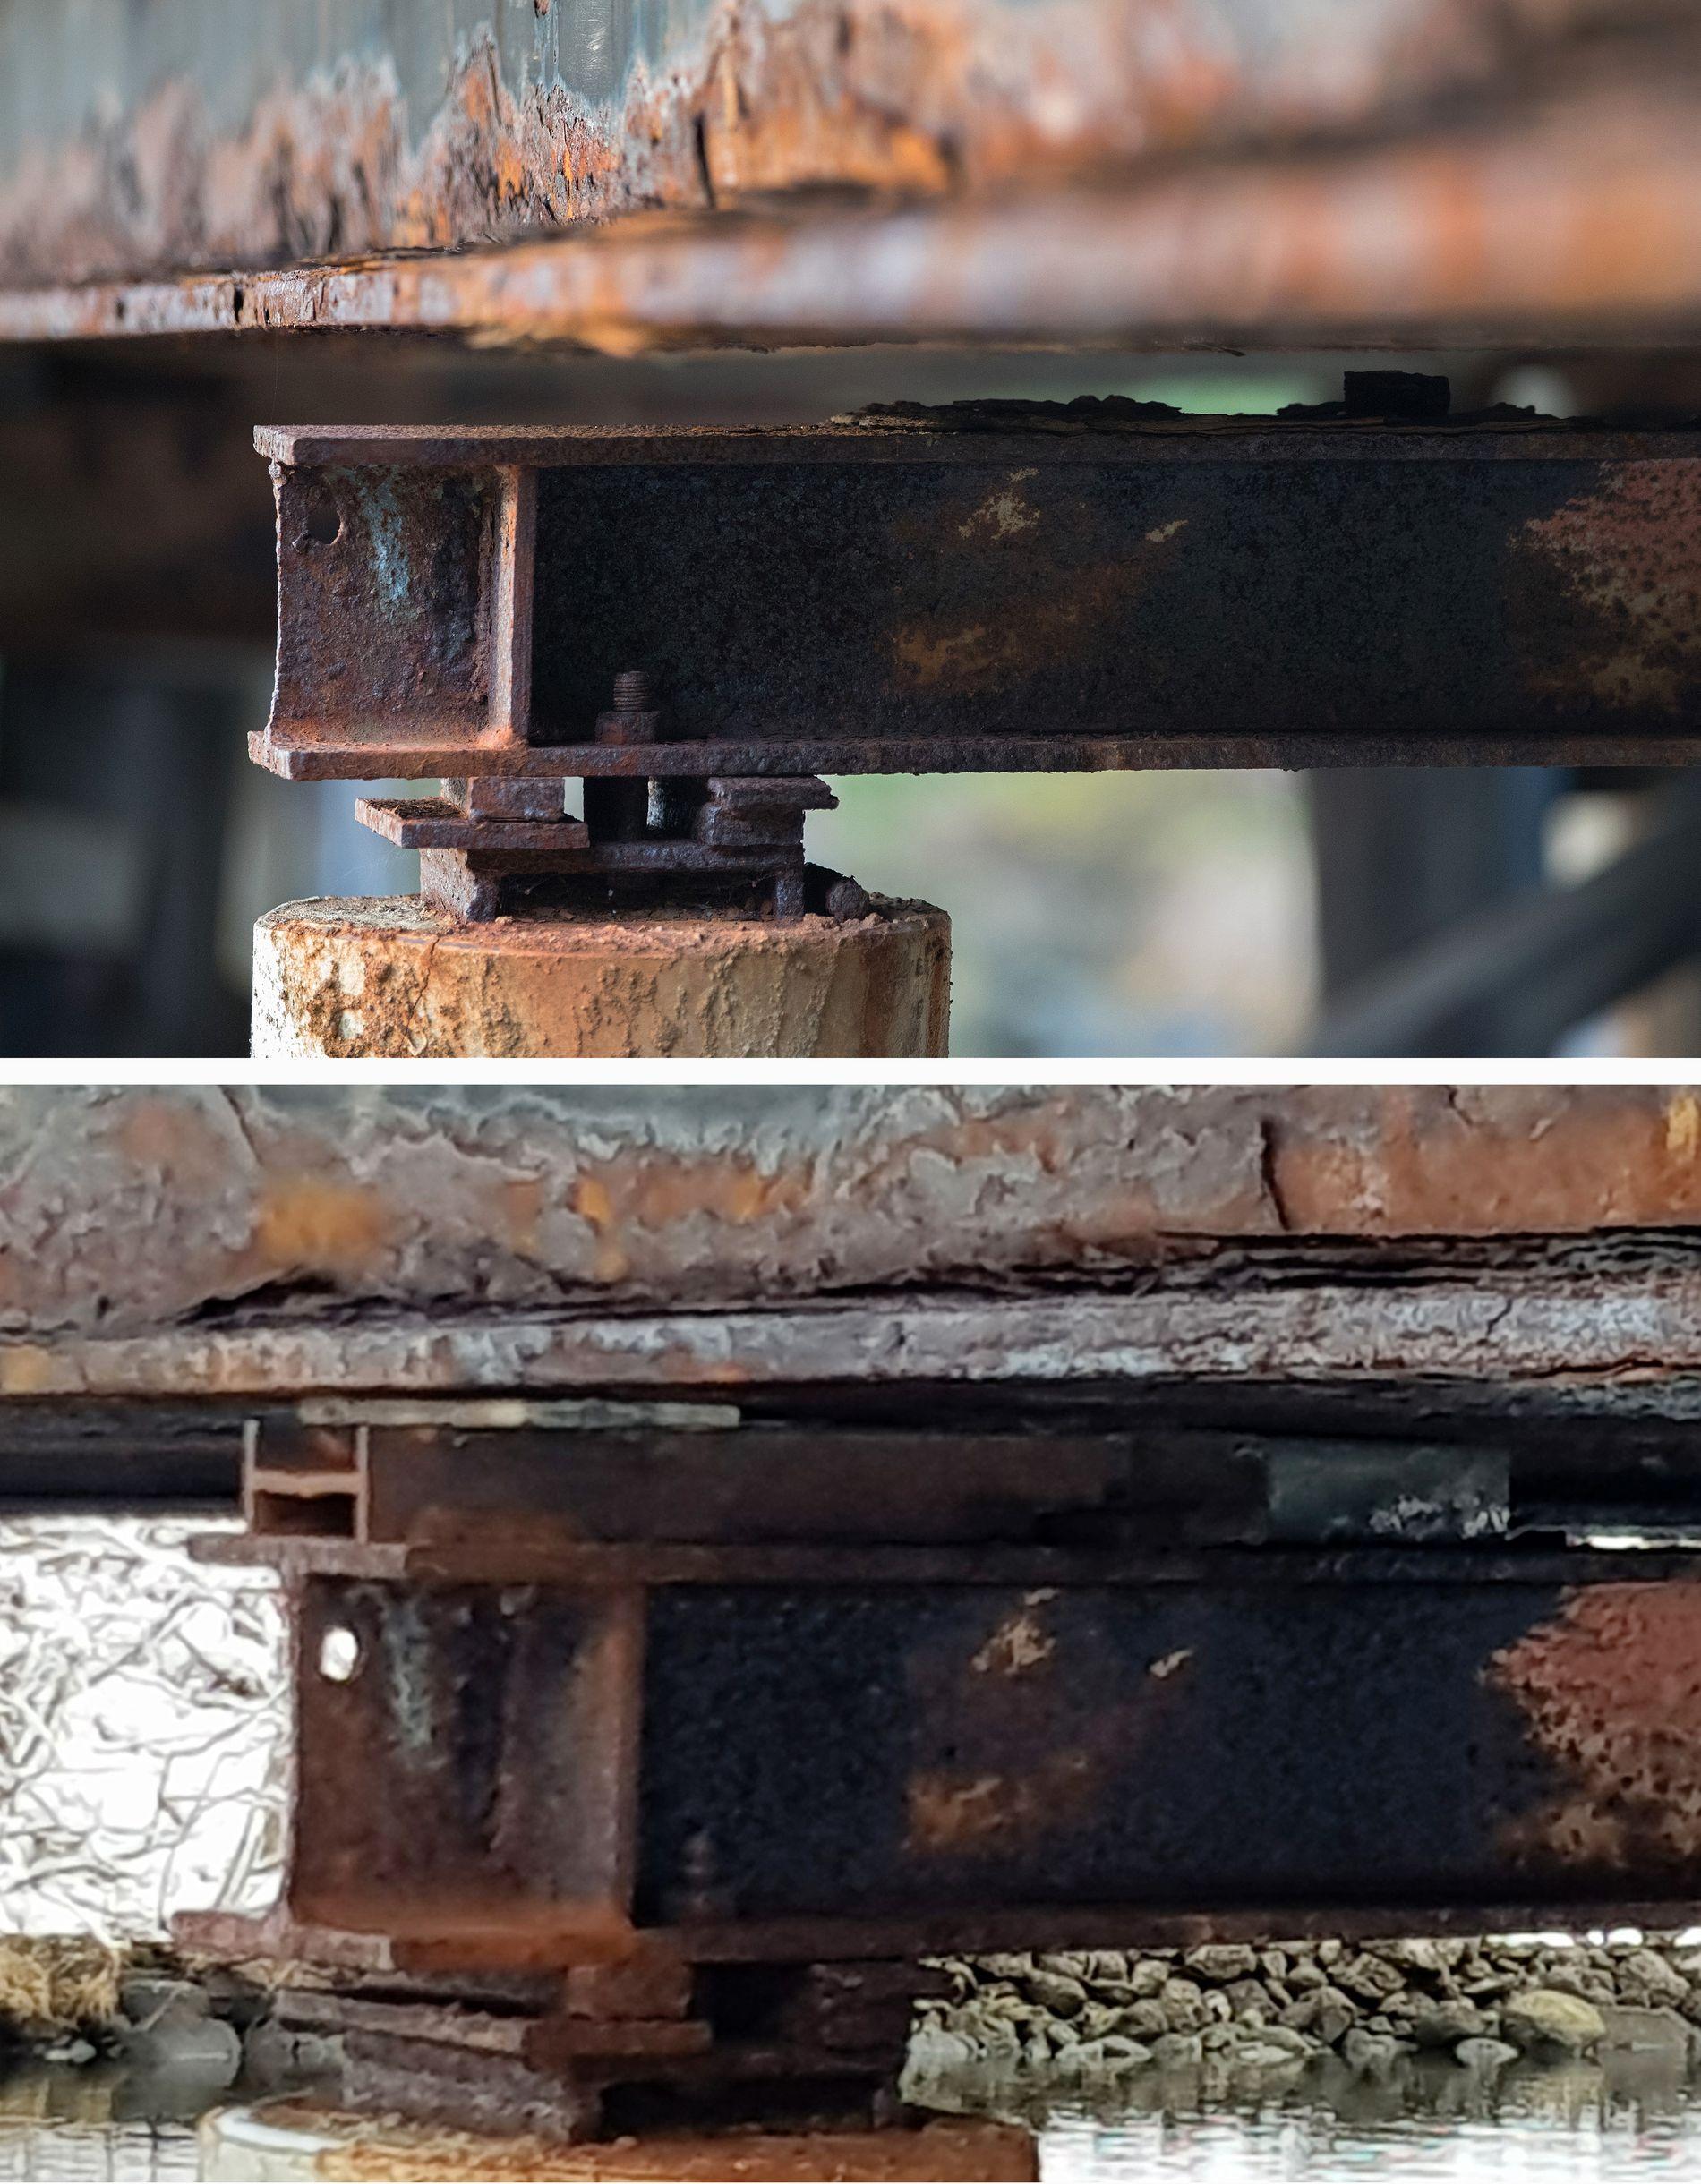 STØTTET OPP: På Matredalen bro i Hordaland har Vegvesenet tettet igjen mellomrommet mellom søyle og bærebjelke. Foto: HALLGEIR VÅGENES (øverst) og ARNOLD MATRE (nederst).